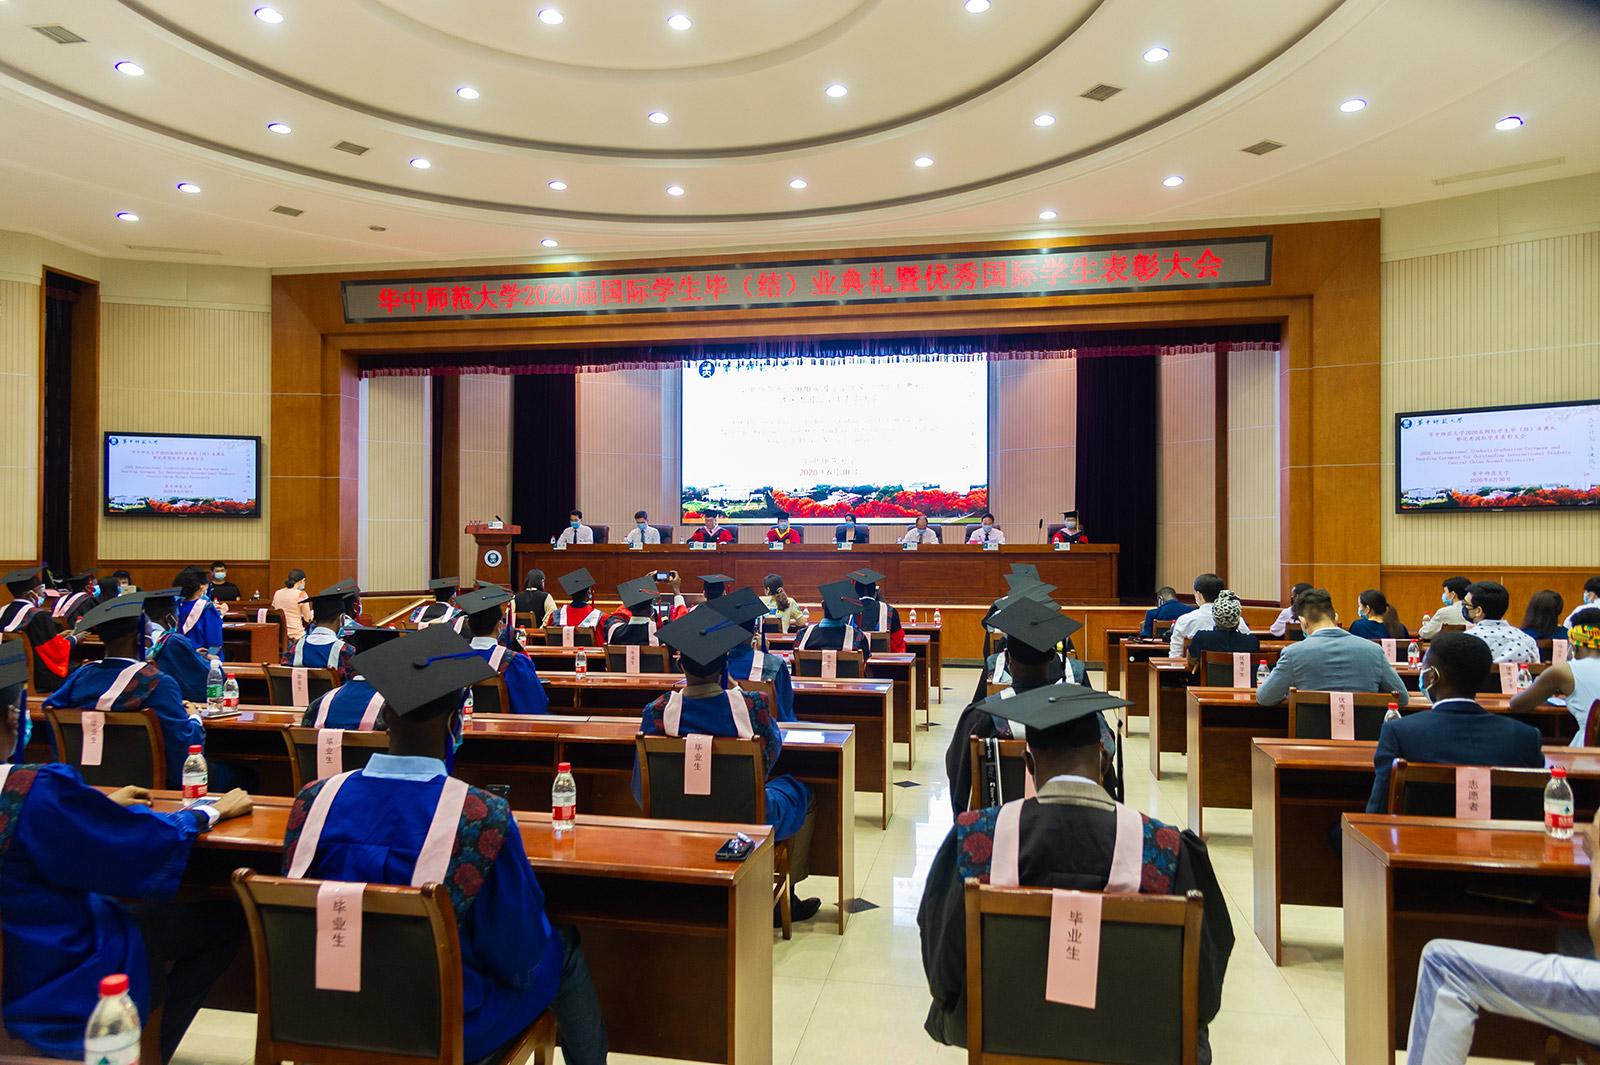 我校2020届国际学生毕(结)业典礼暨优秀国际学生表彰大会举行